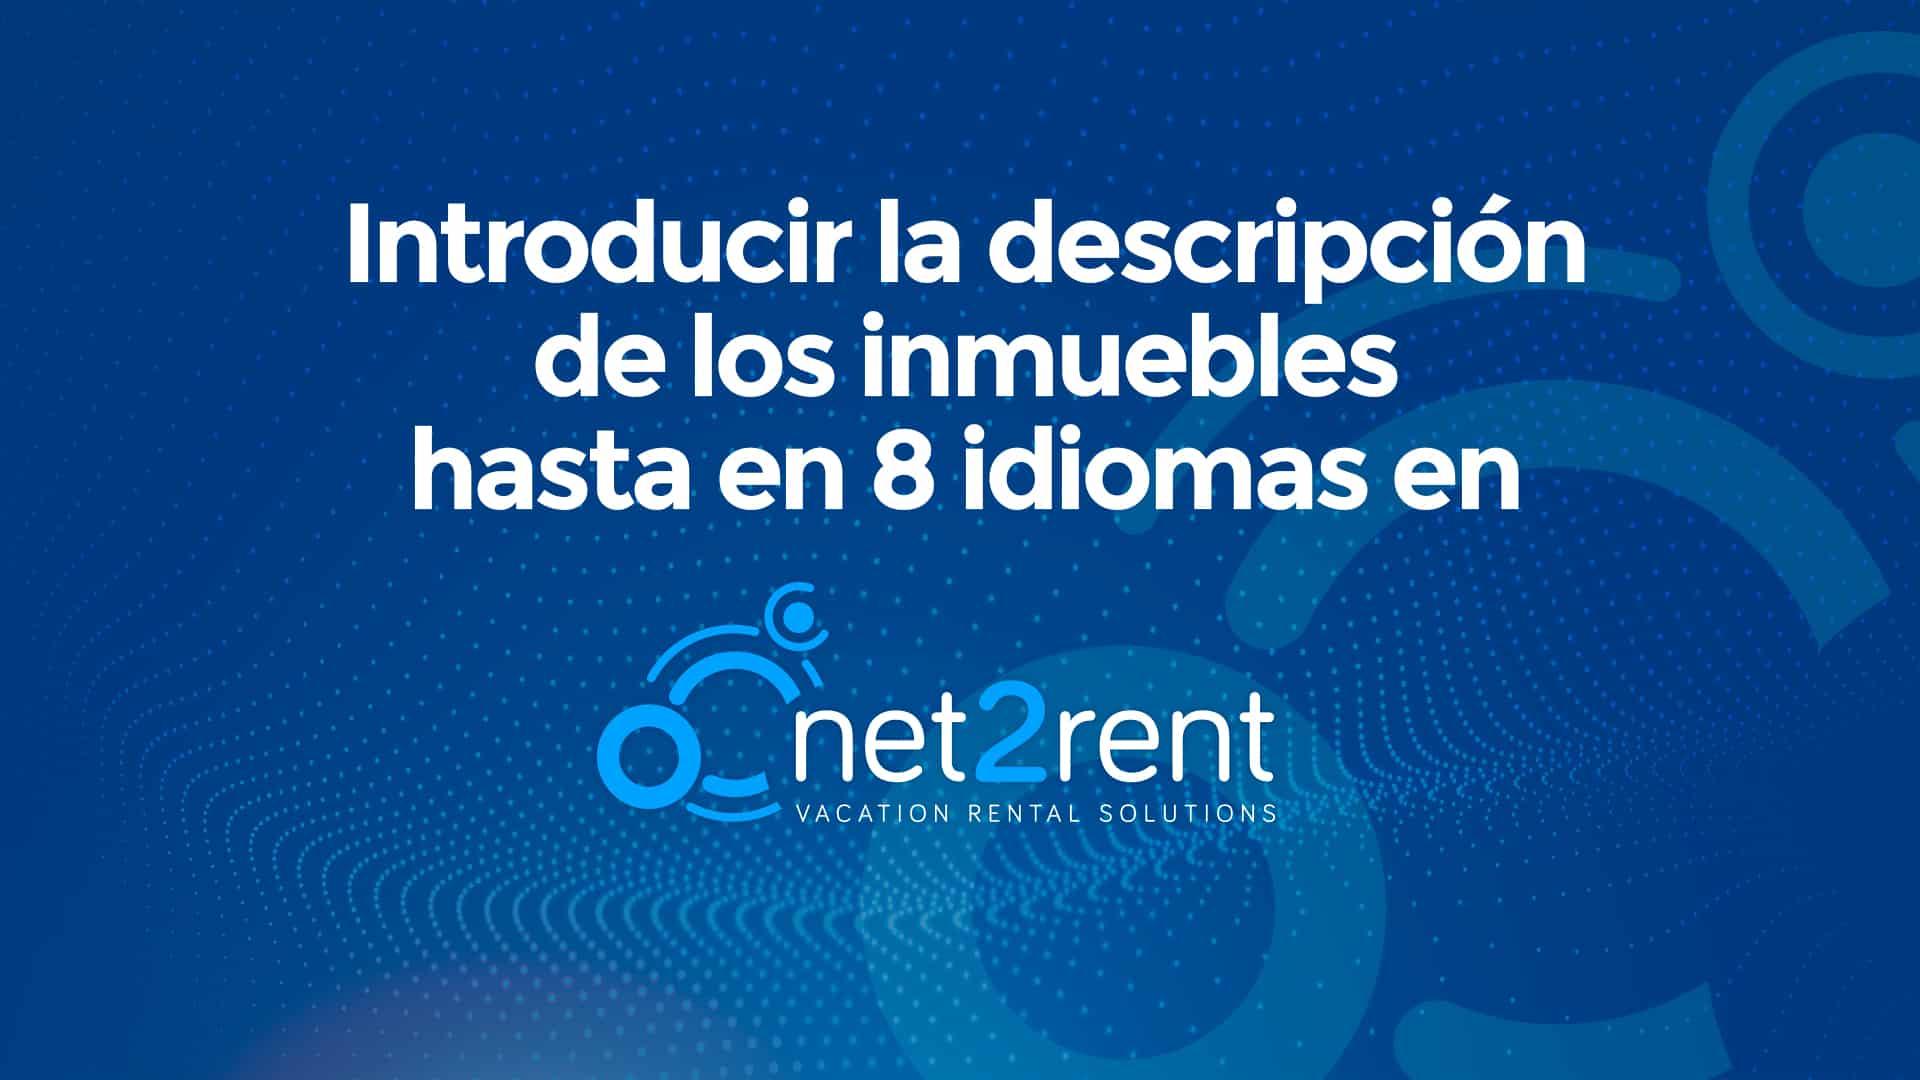 Guías Rápidas de net2rent: 04 - HASTA 8 IDIOMAS EN LA DESCRIPICIÓN DE LOS INMUEBLES